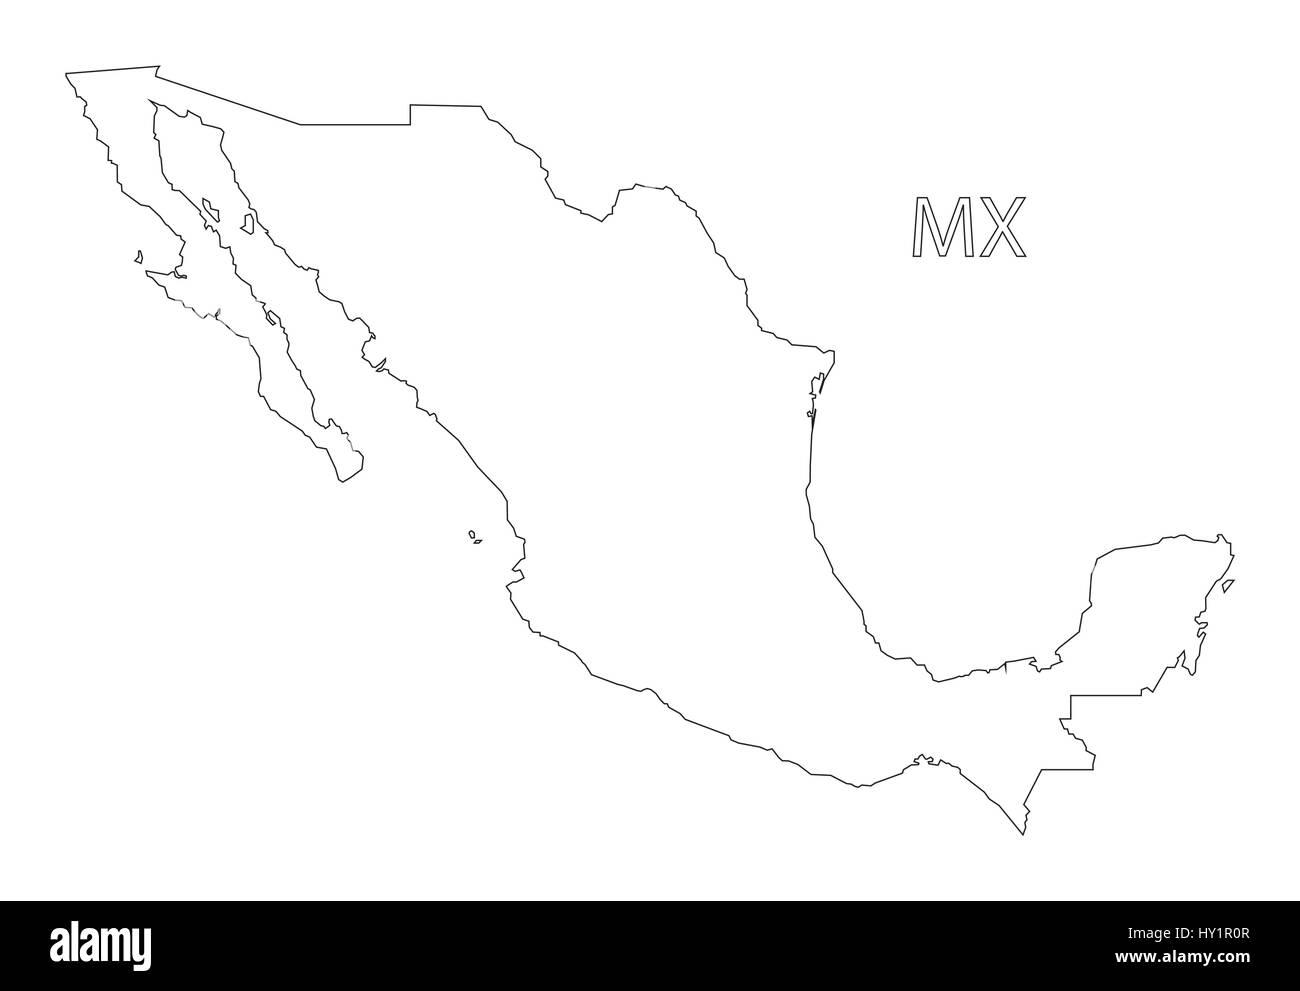 Mexiko Karte Umriss.Mexiko Umriss Silhouette Karte Abbildung Vektor Abbildung